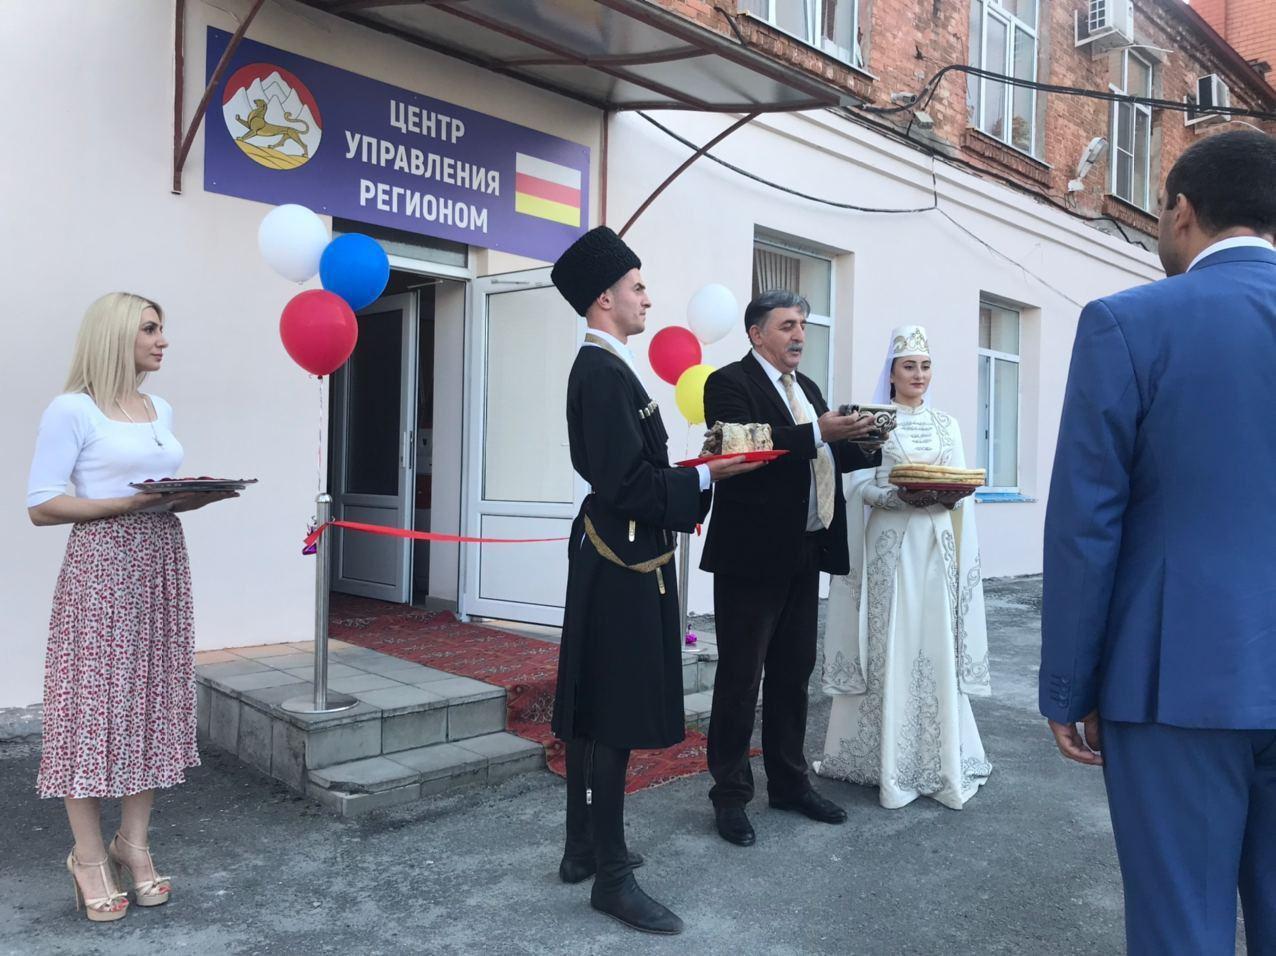 Северная Осетия первой в СКФО открыла Центр, куда будут стекаться жалобы жителей региона